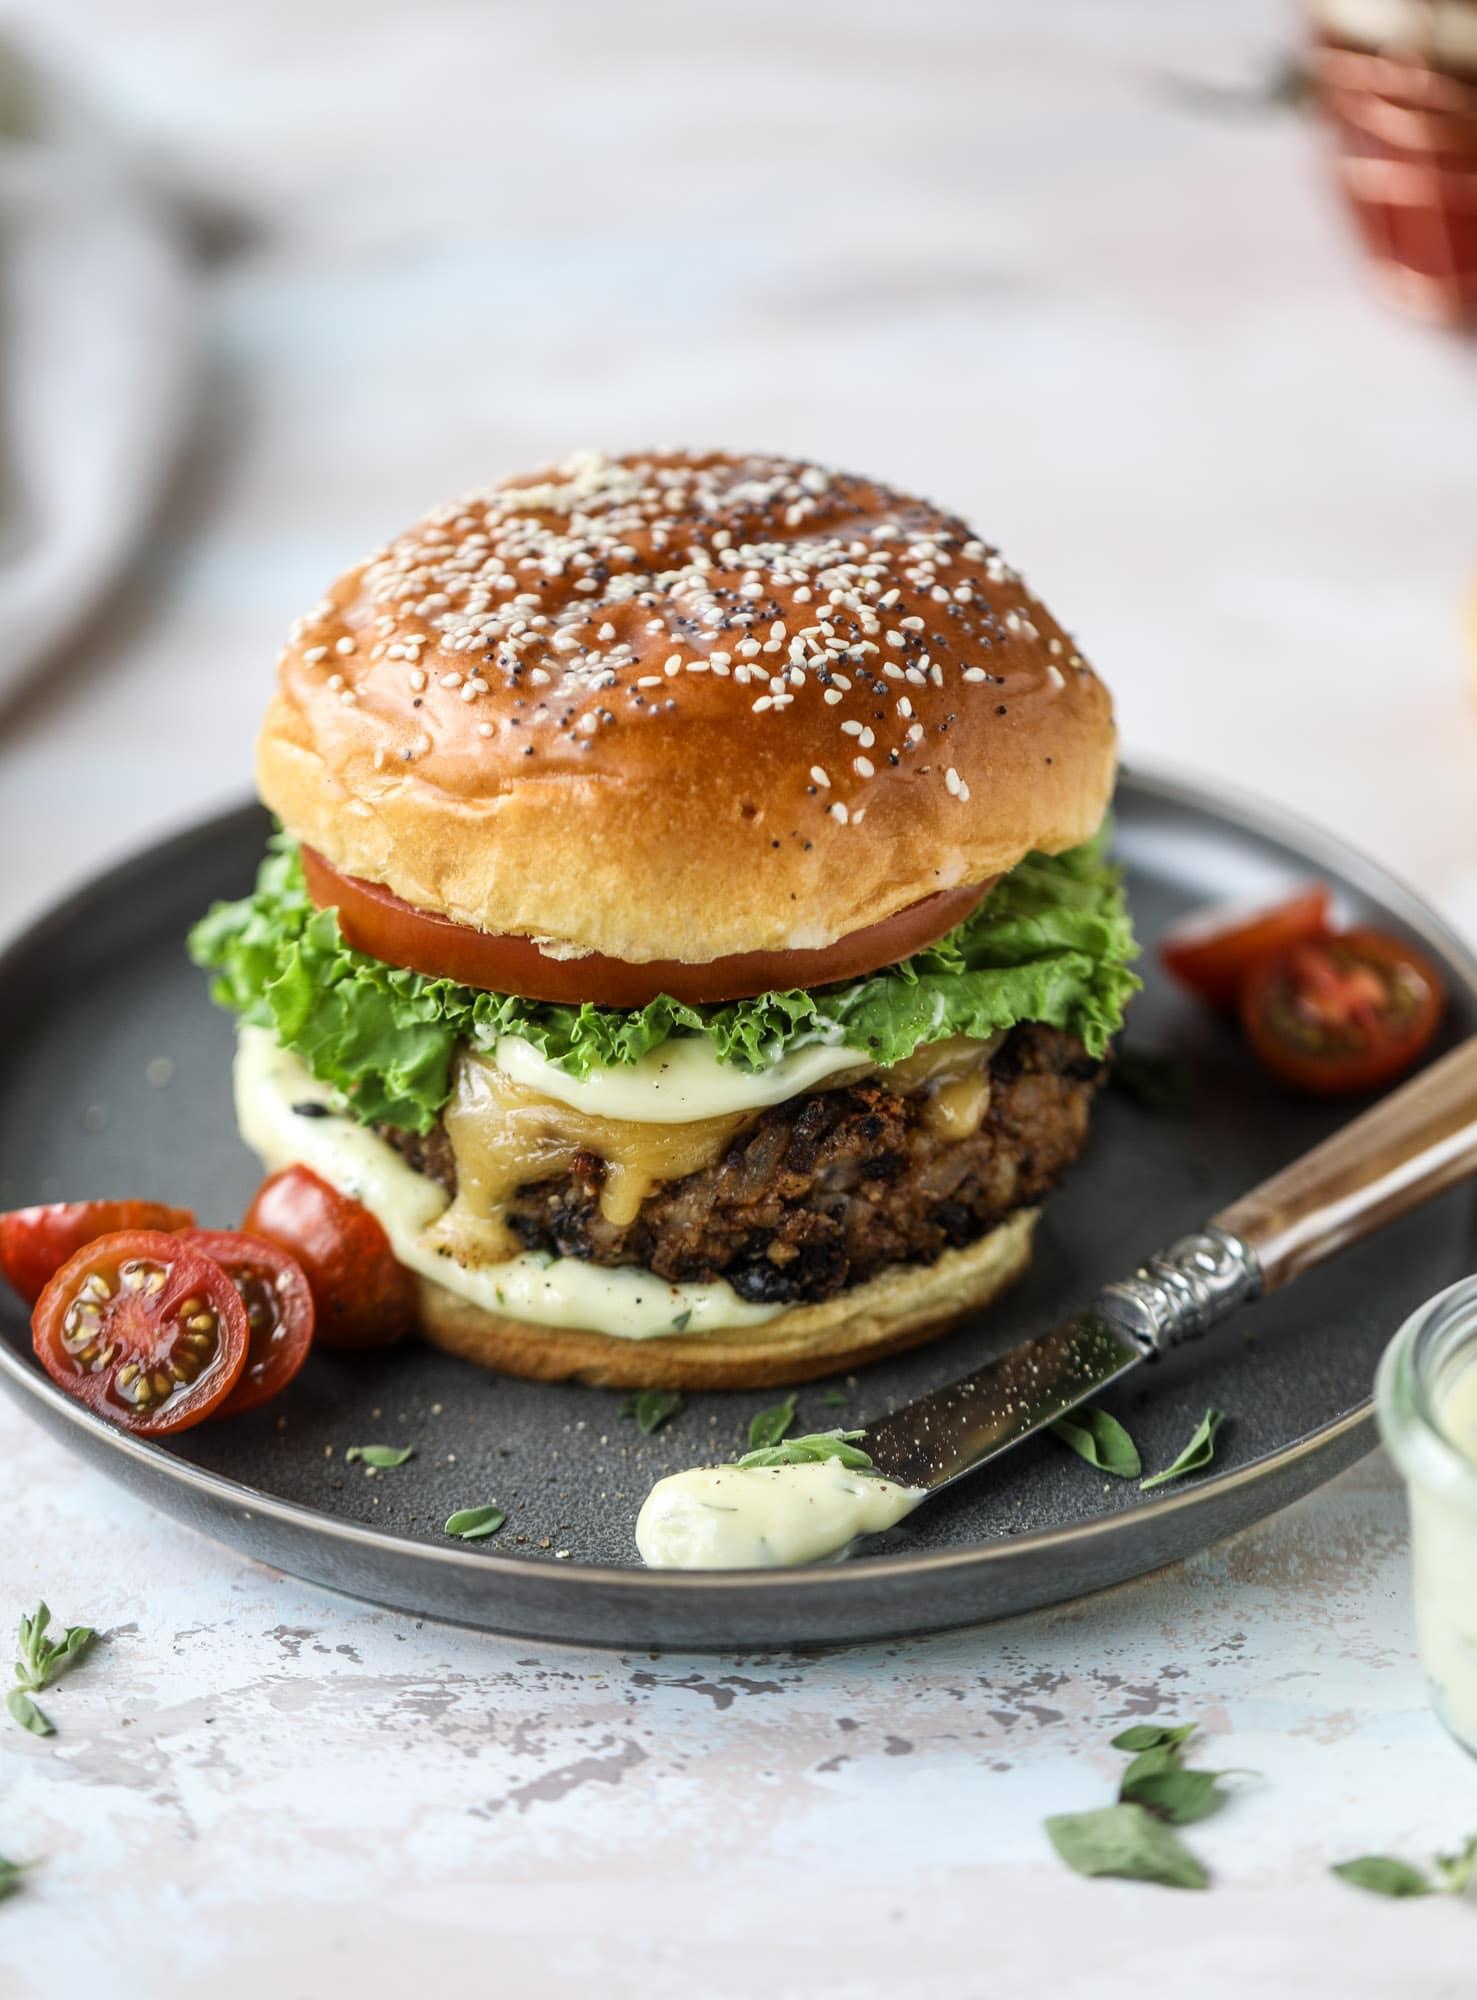 veg-burgers-I-howsweeteats.com-15.jpg